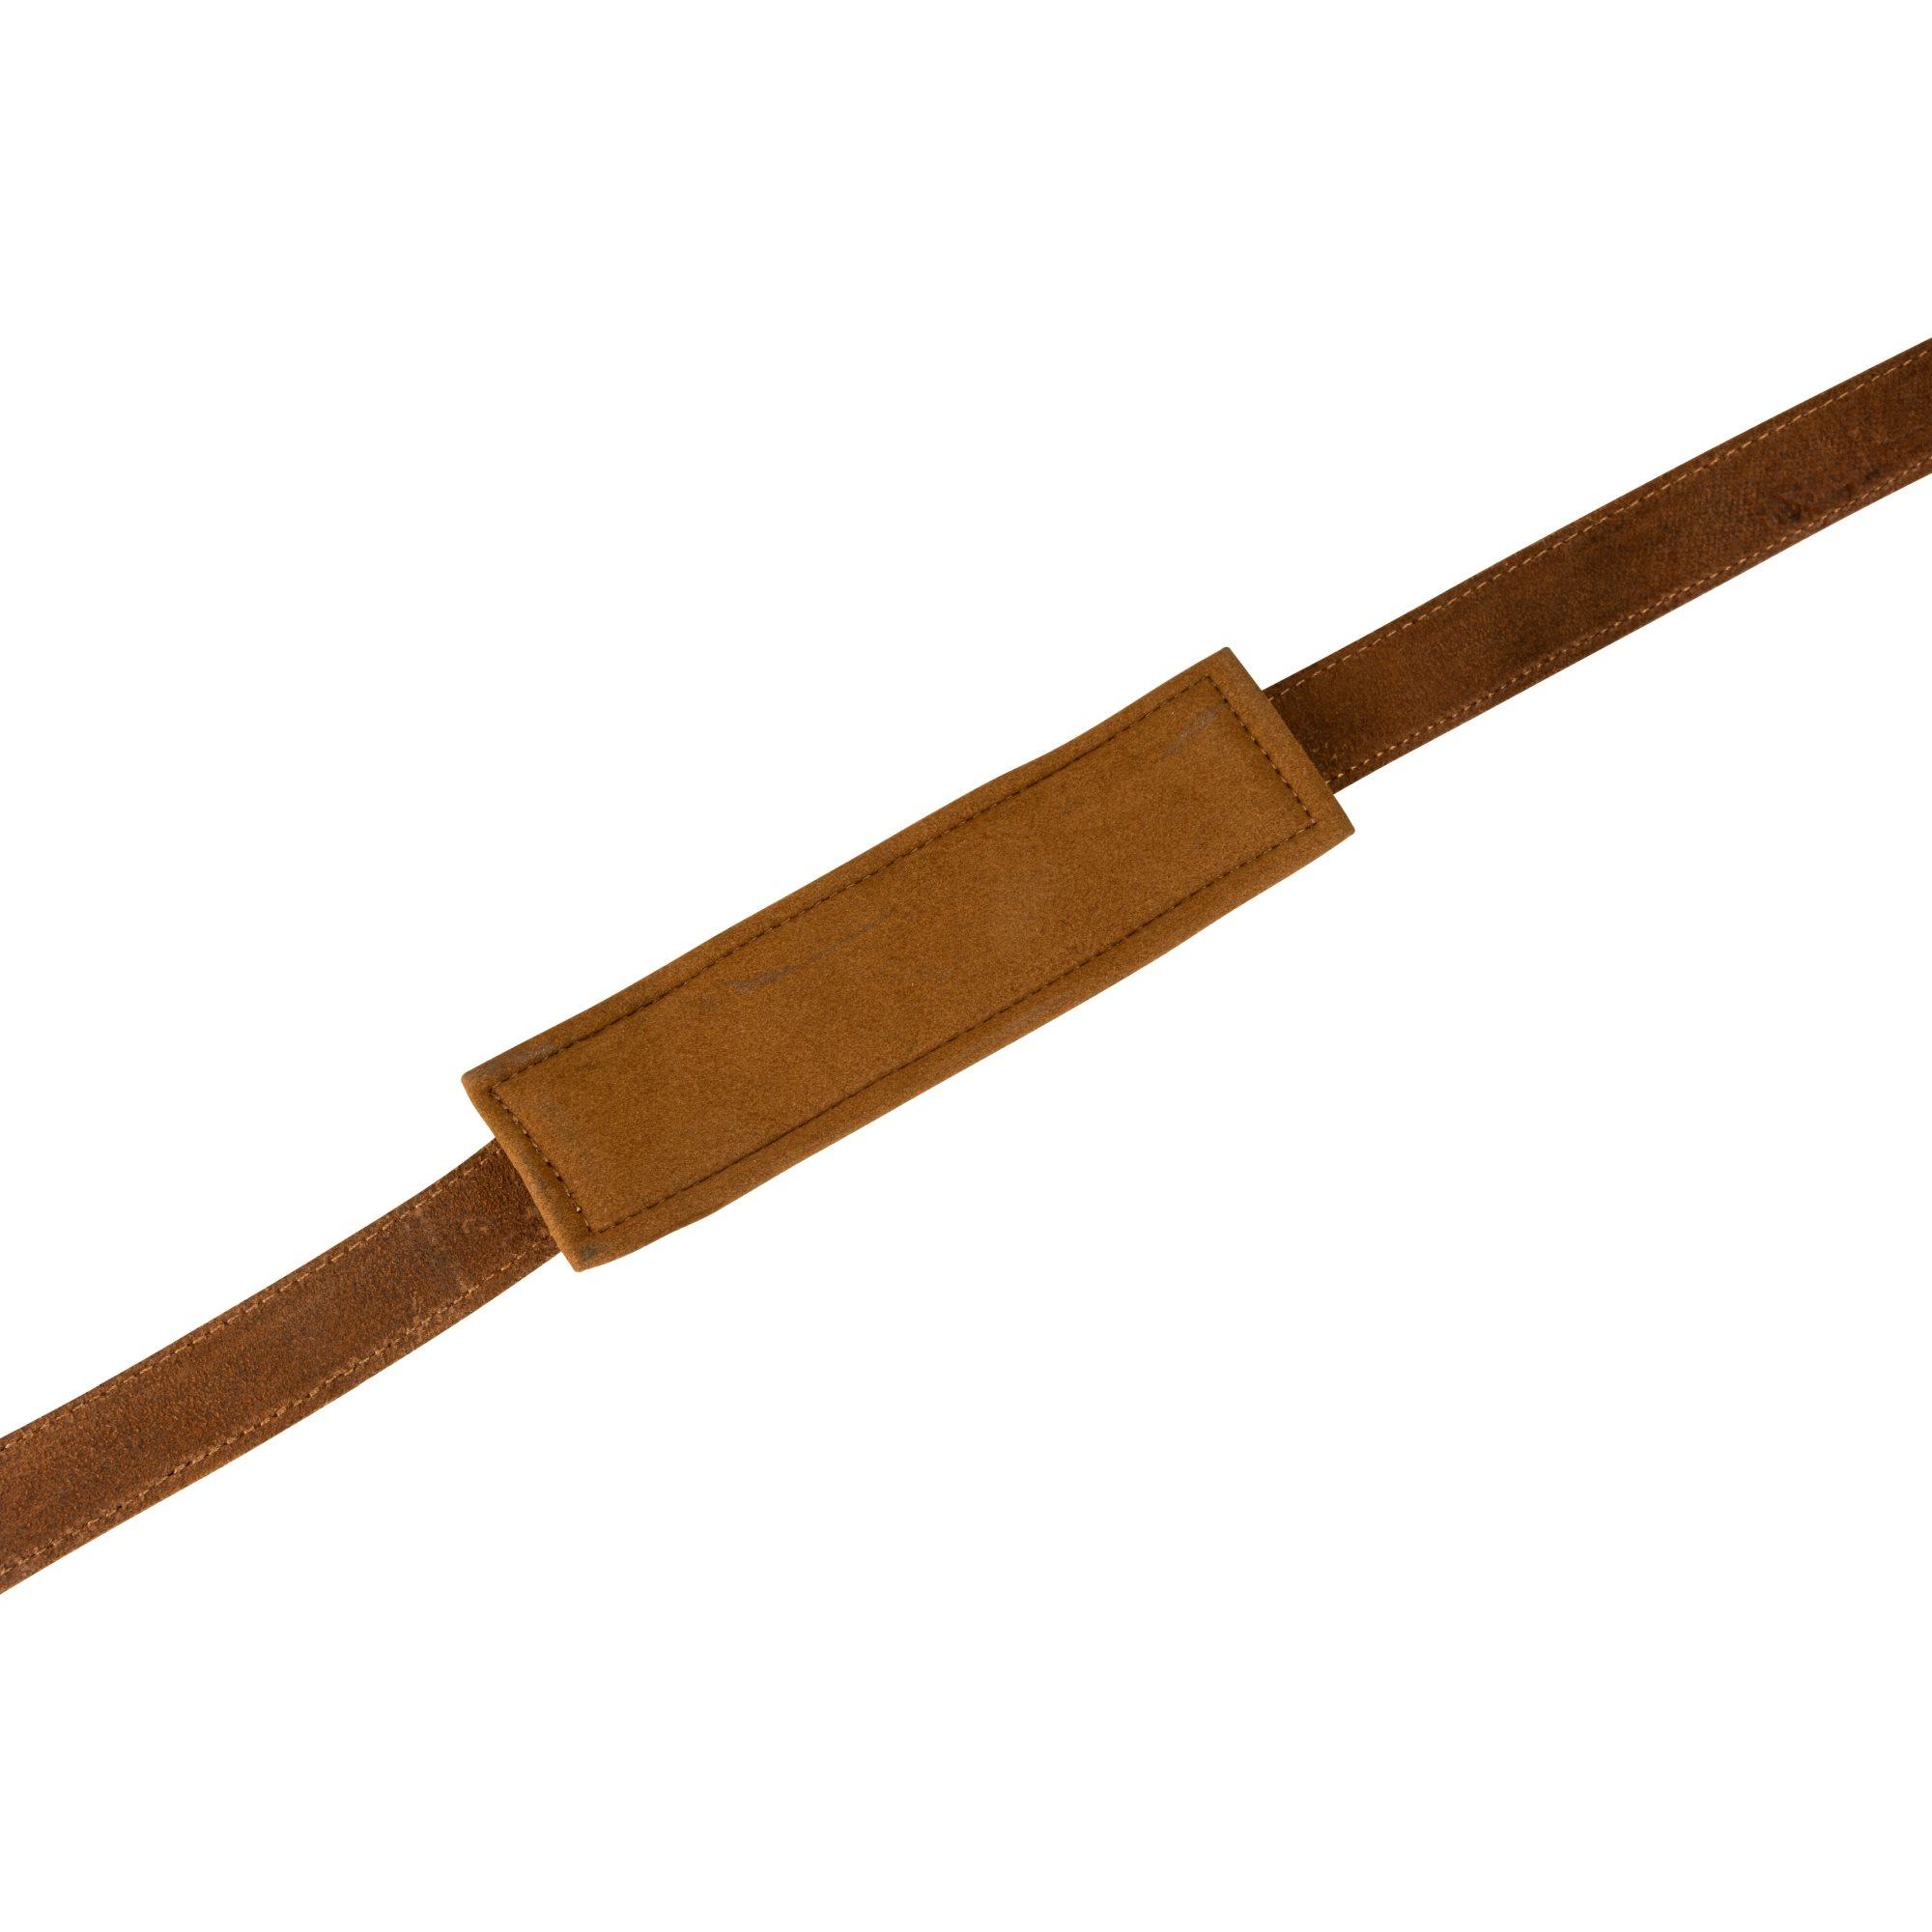 Taška na náboje kožená TAN JACK PYKE JBAGCARTLTAN L-11